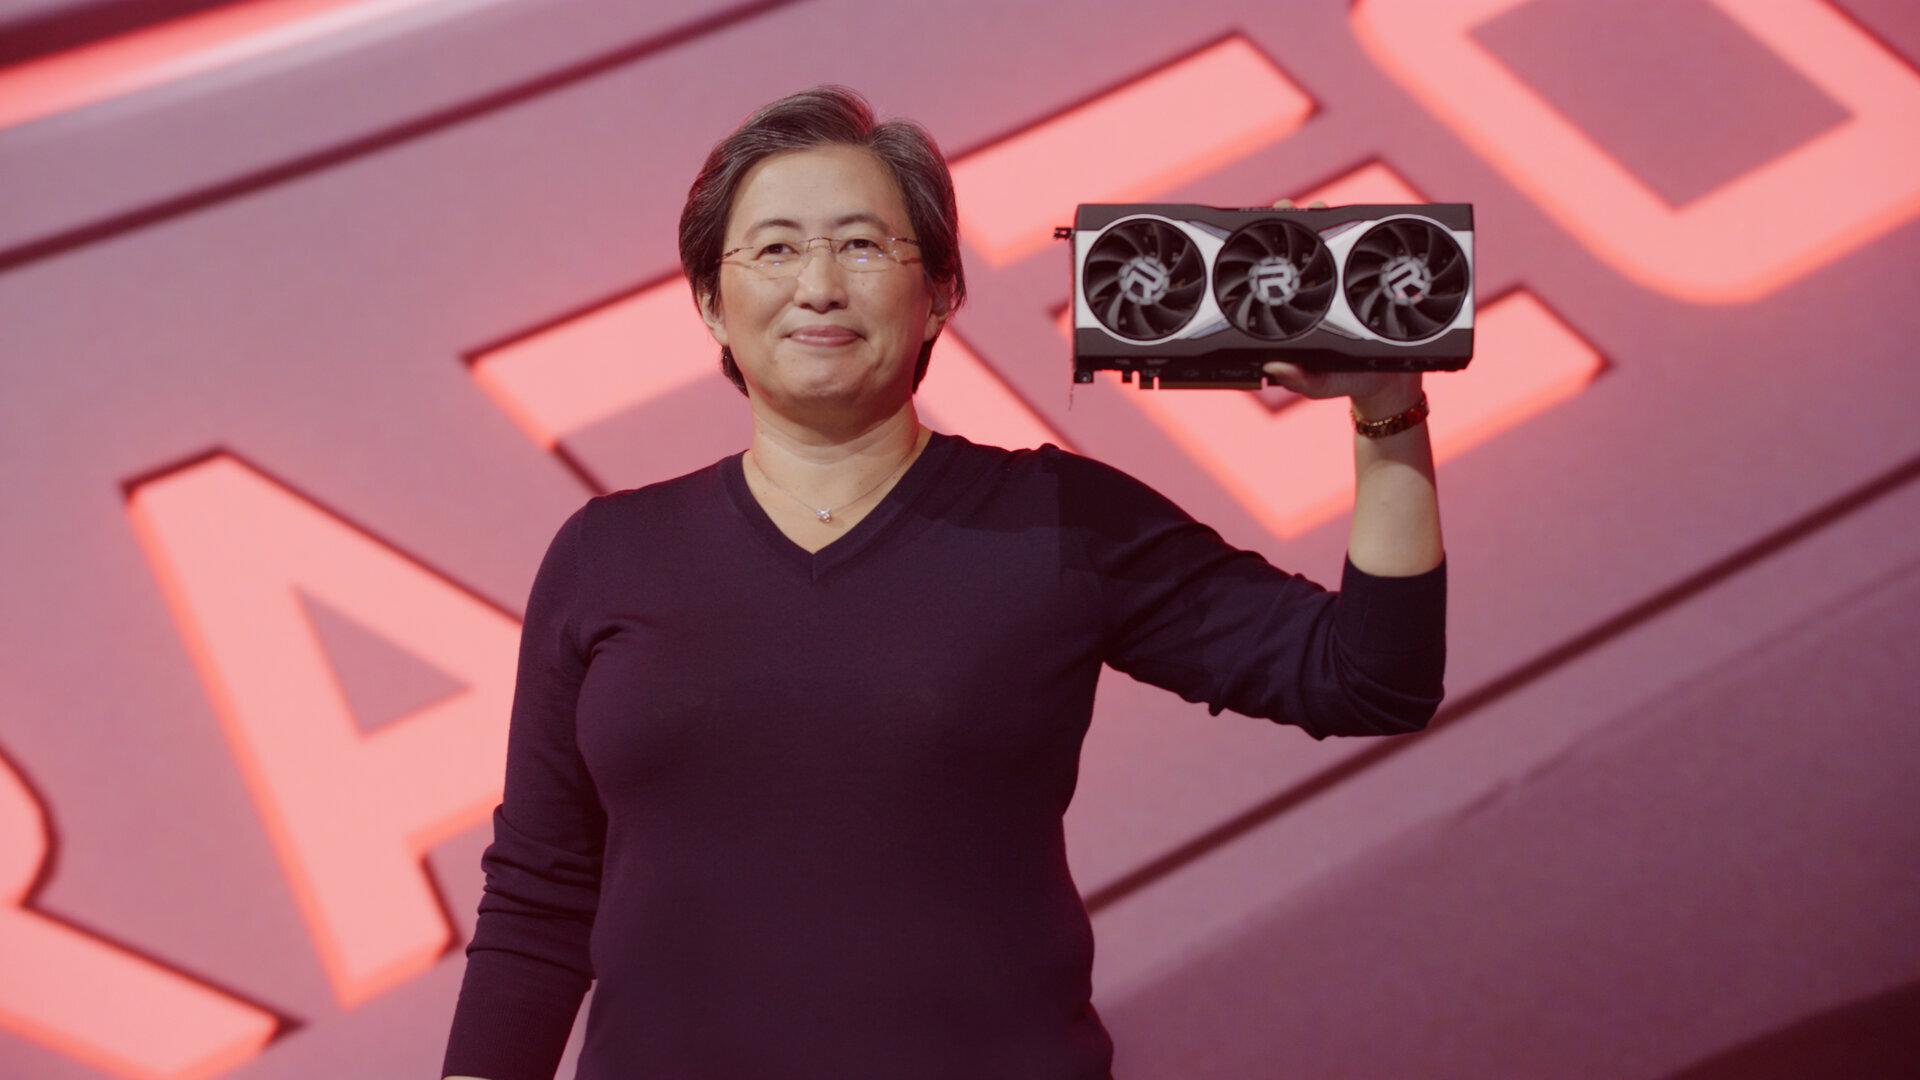 Опубликовано сравнение производительности еще невышедшей флагманской видеокарты AMD с NVIDIA RTX 3080 и 2080 Ti